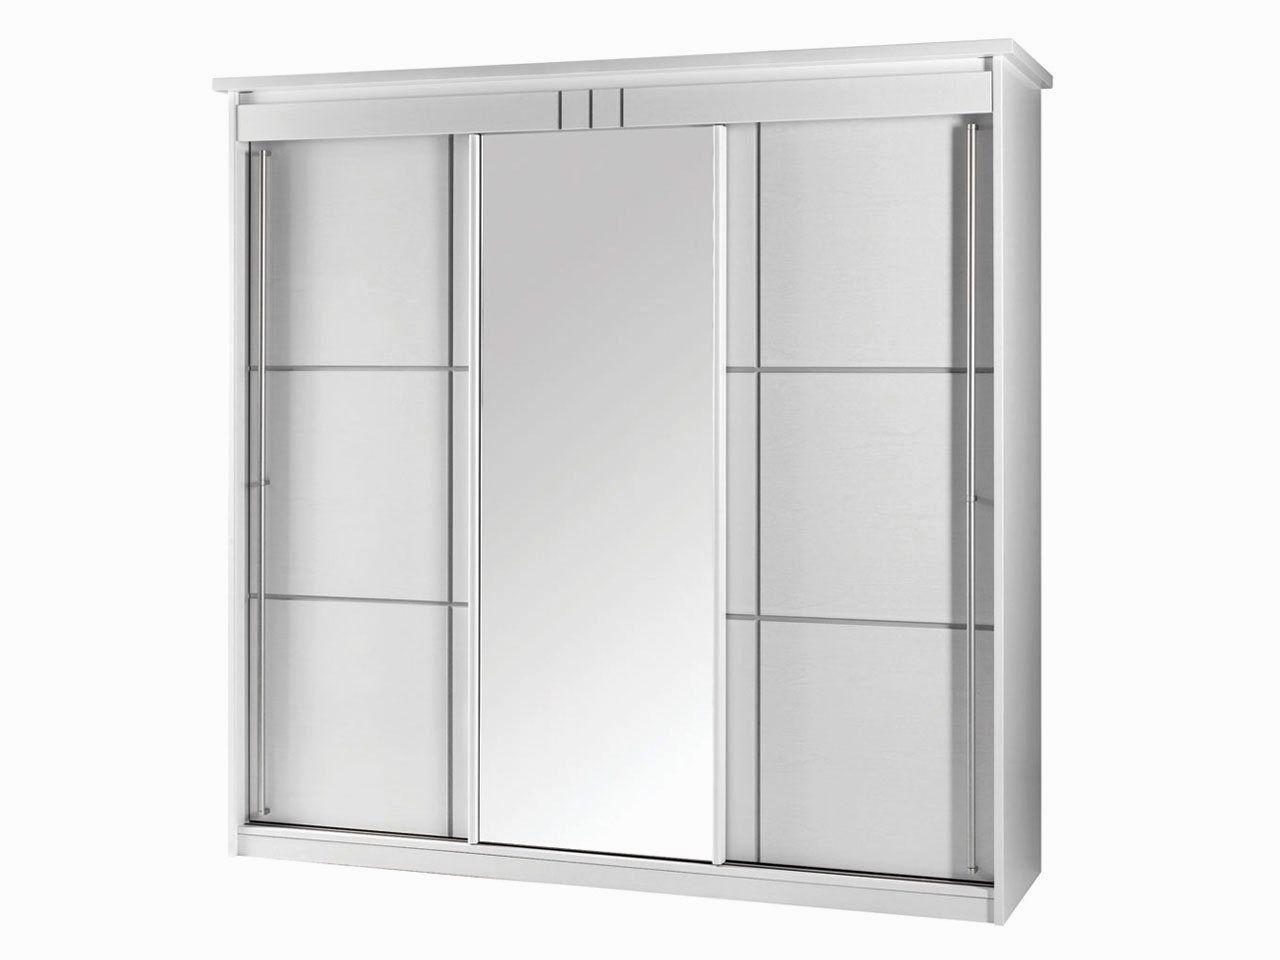 Armoire Blanche Porte Coulissante Miroir